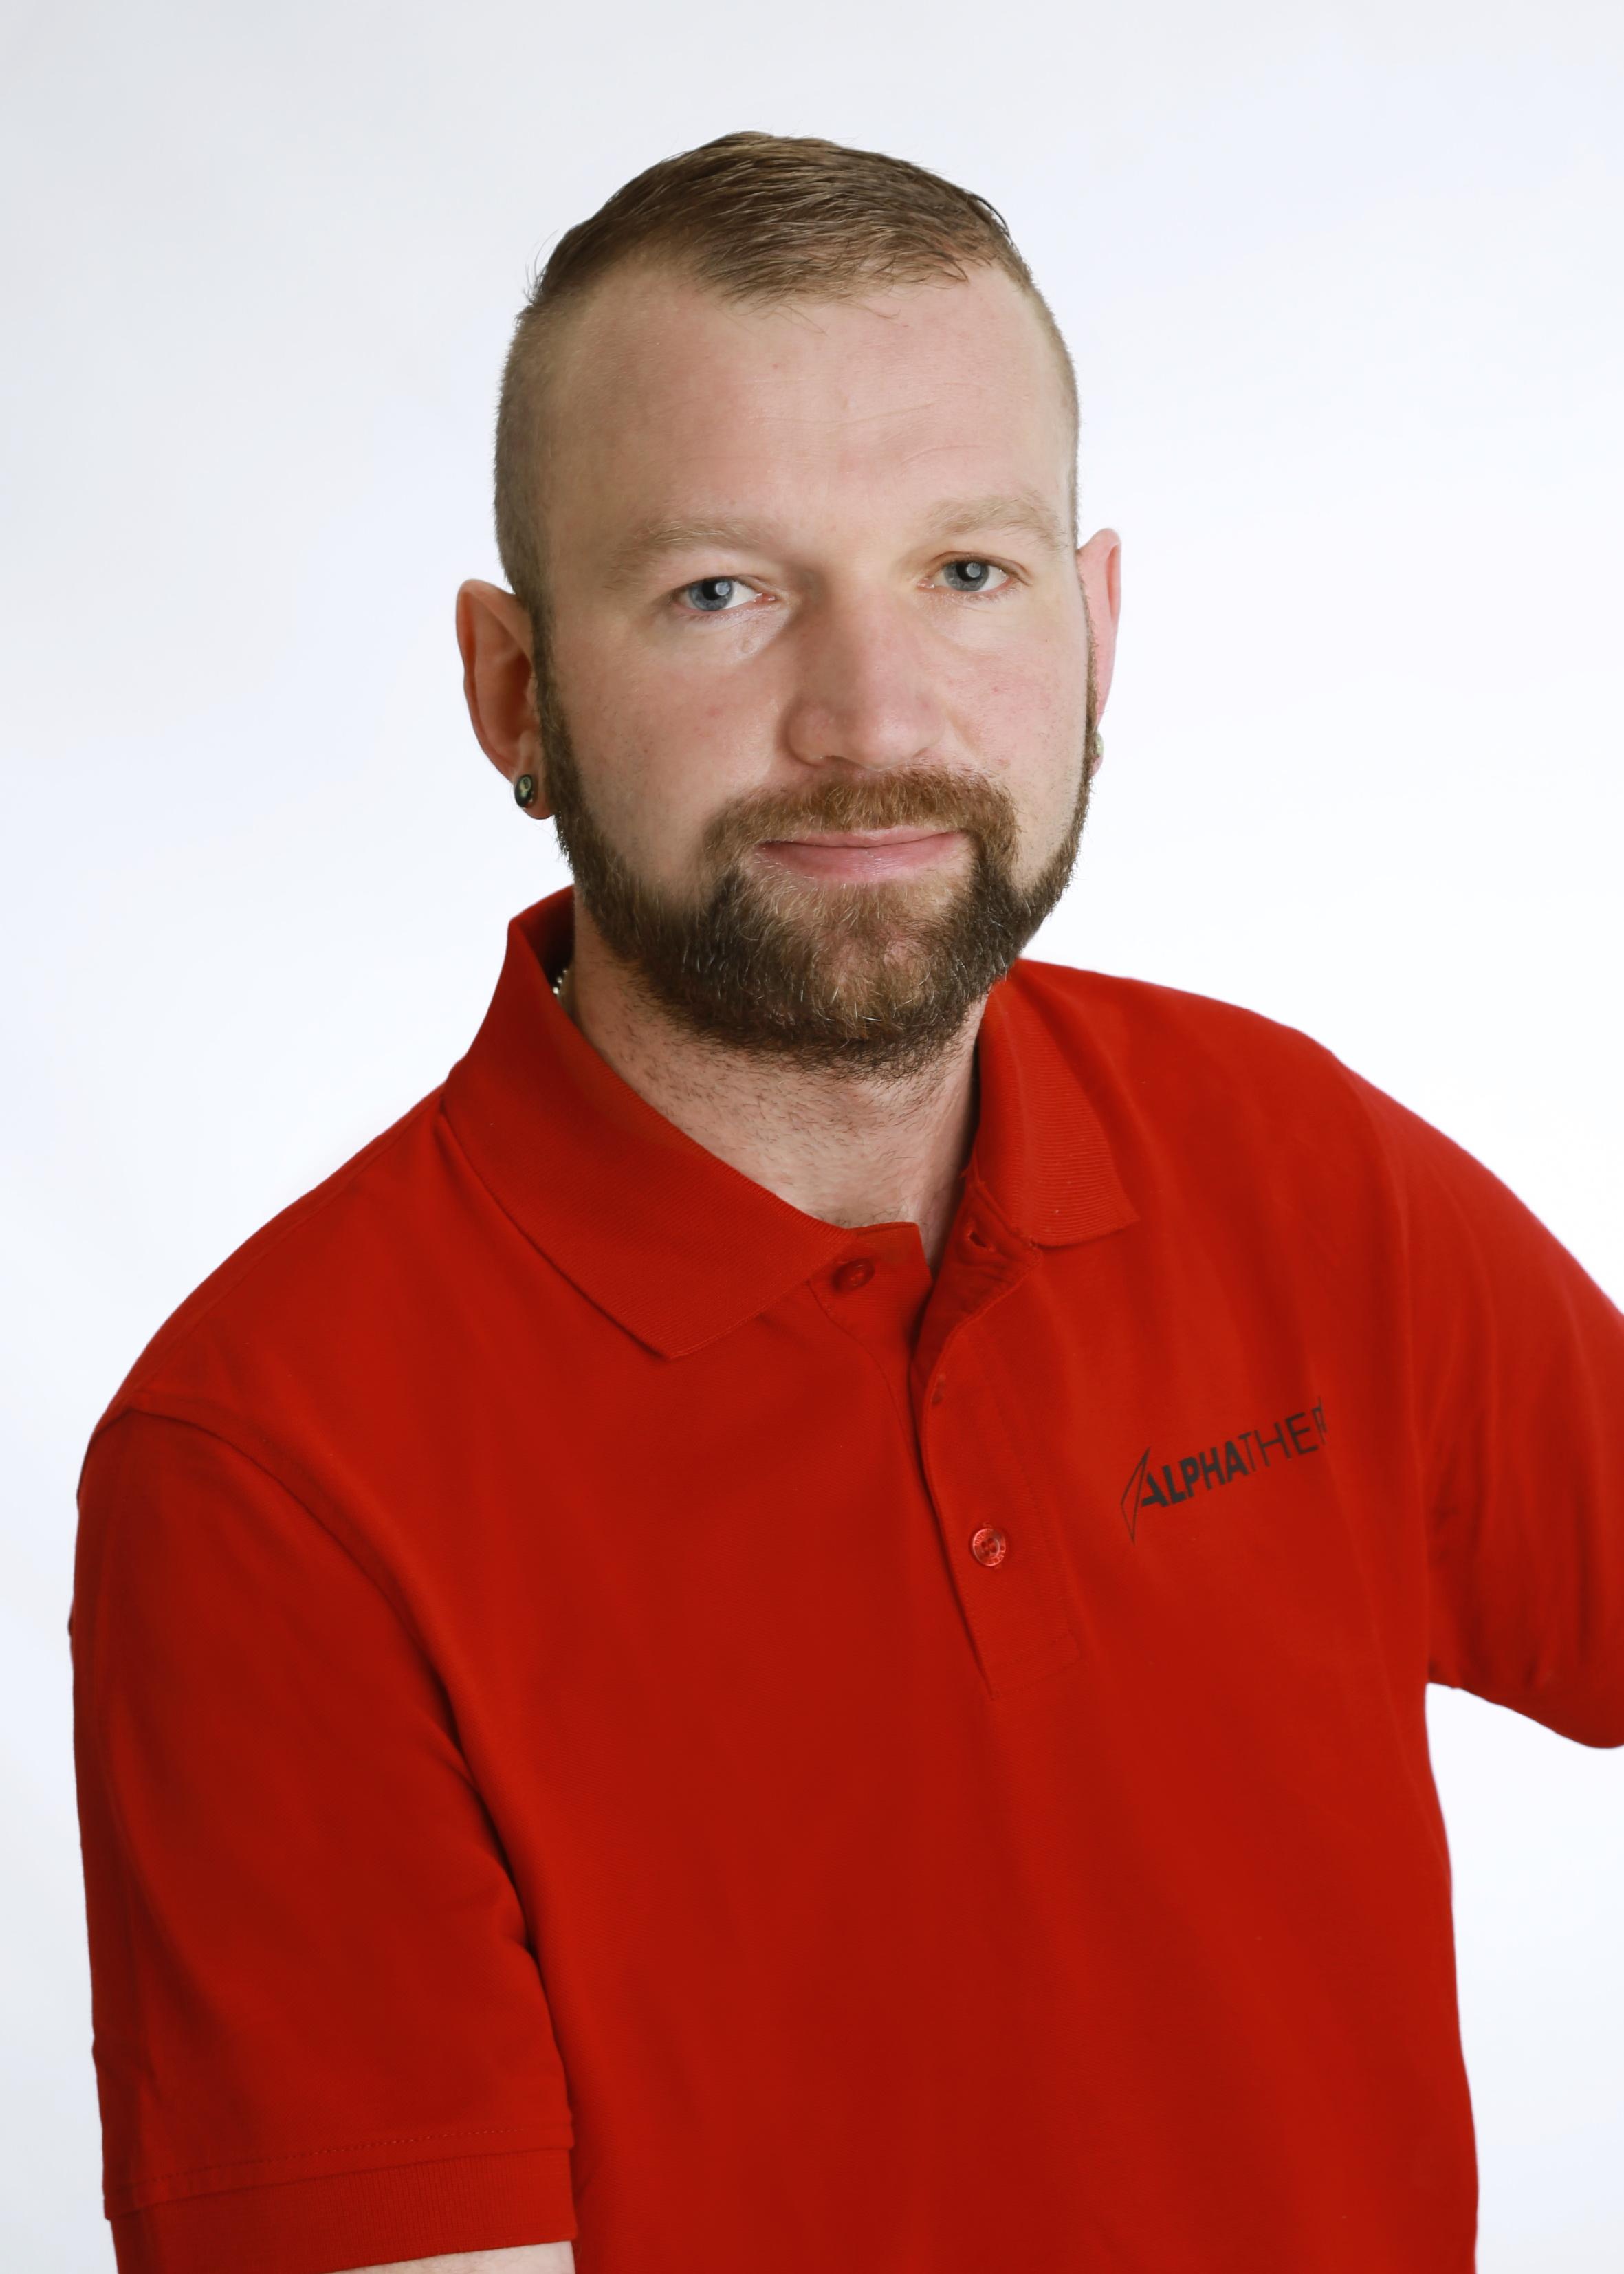 Martin Süß